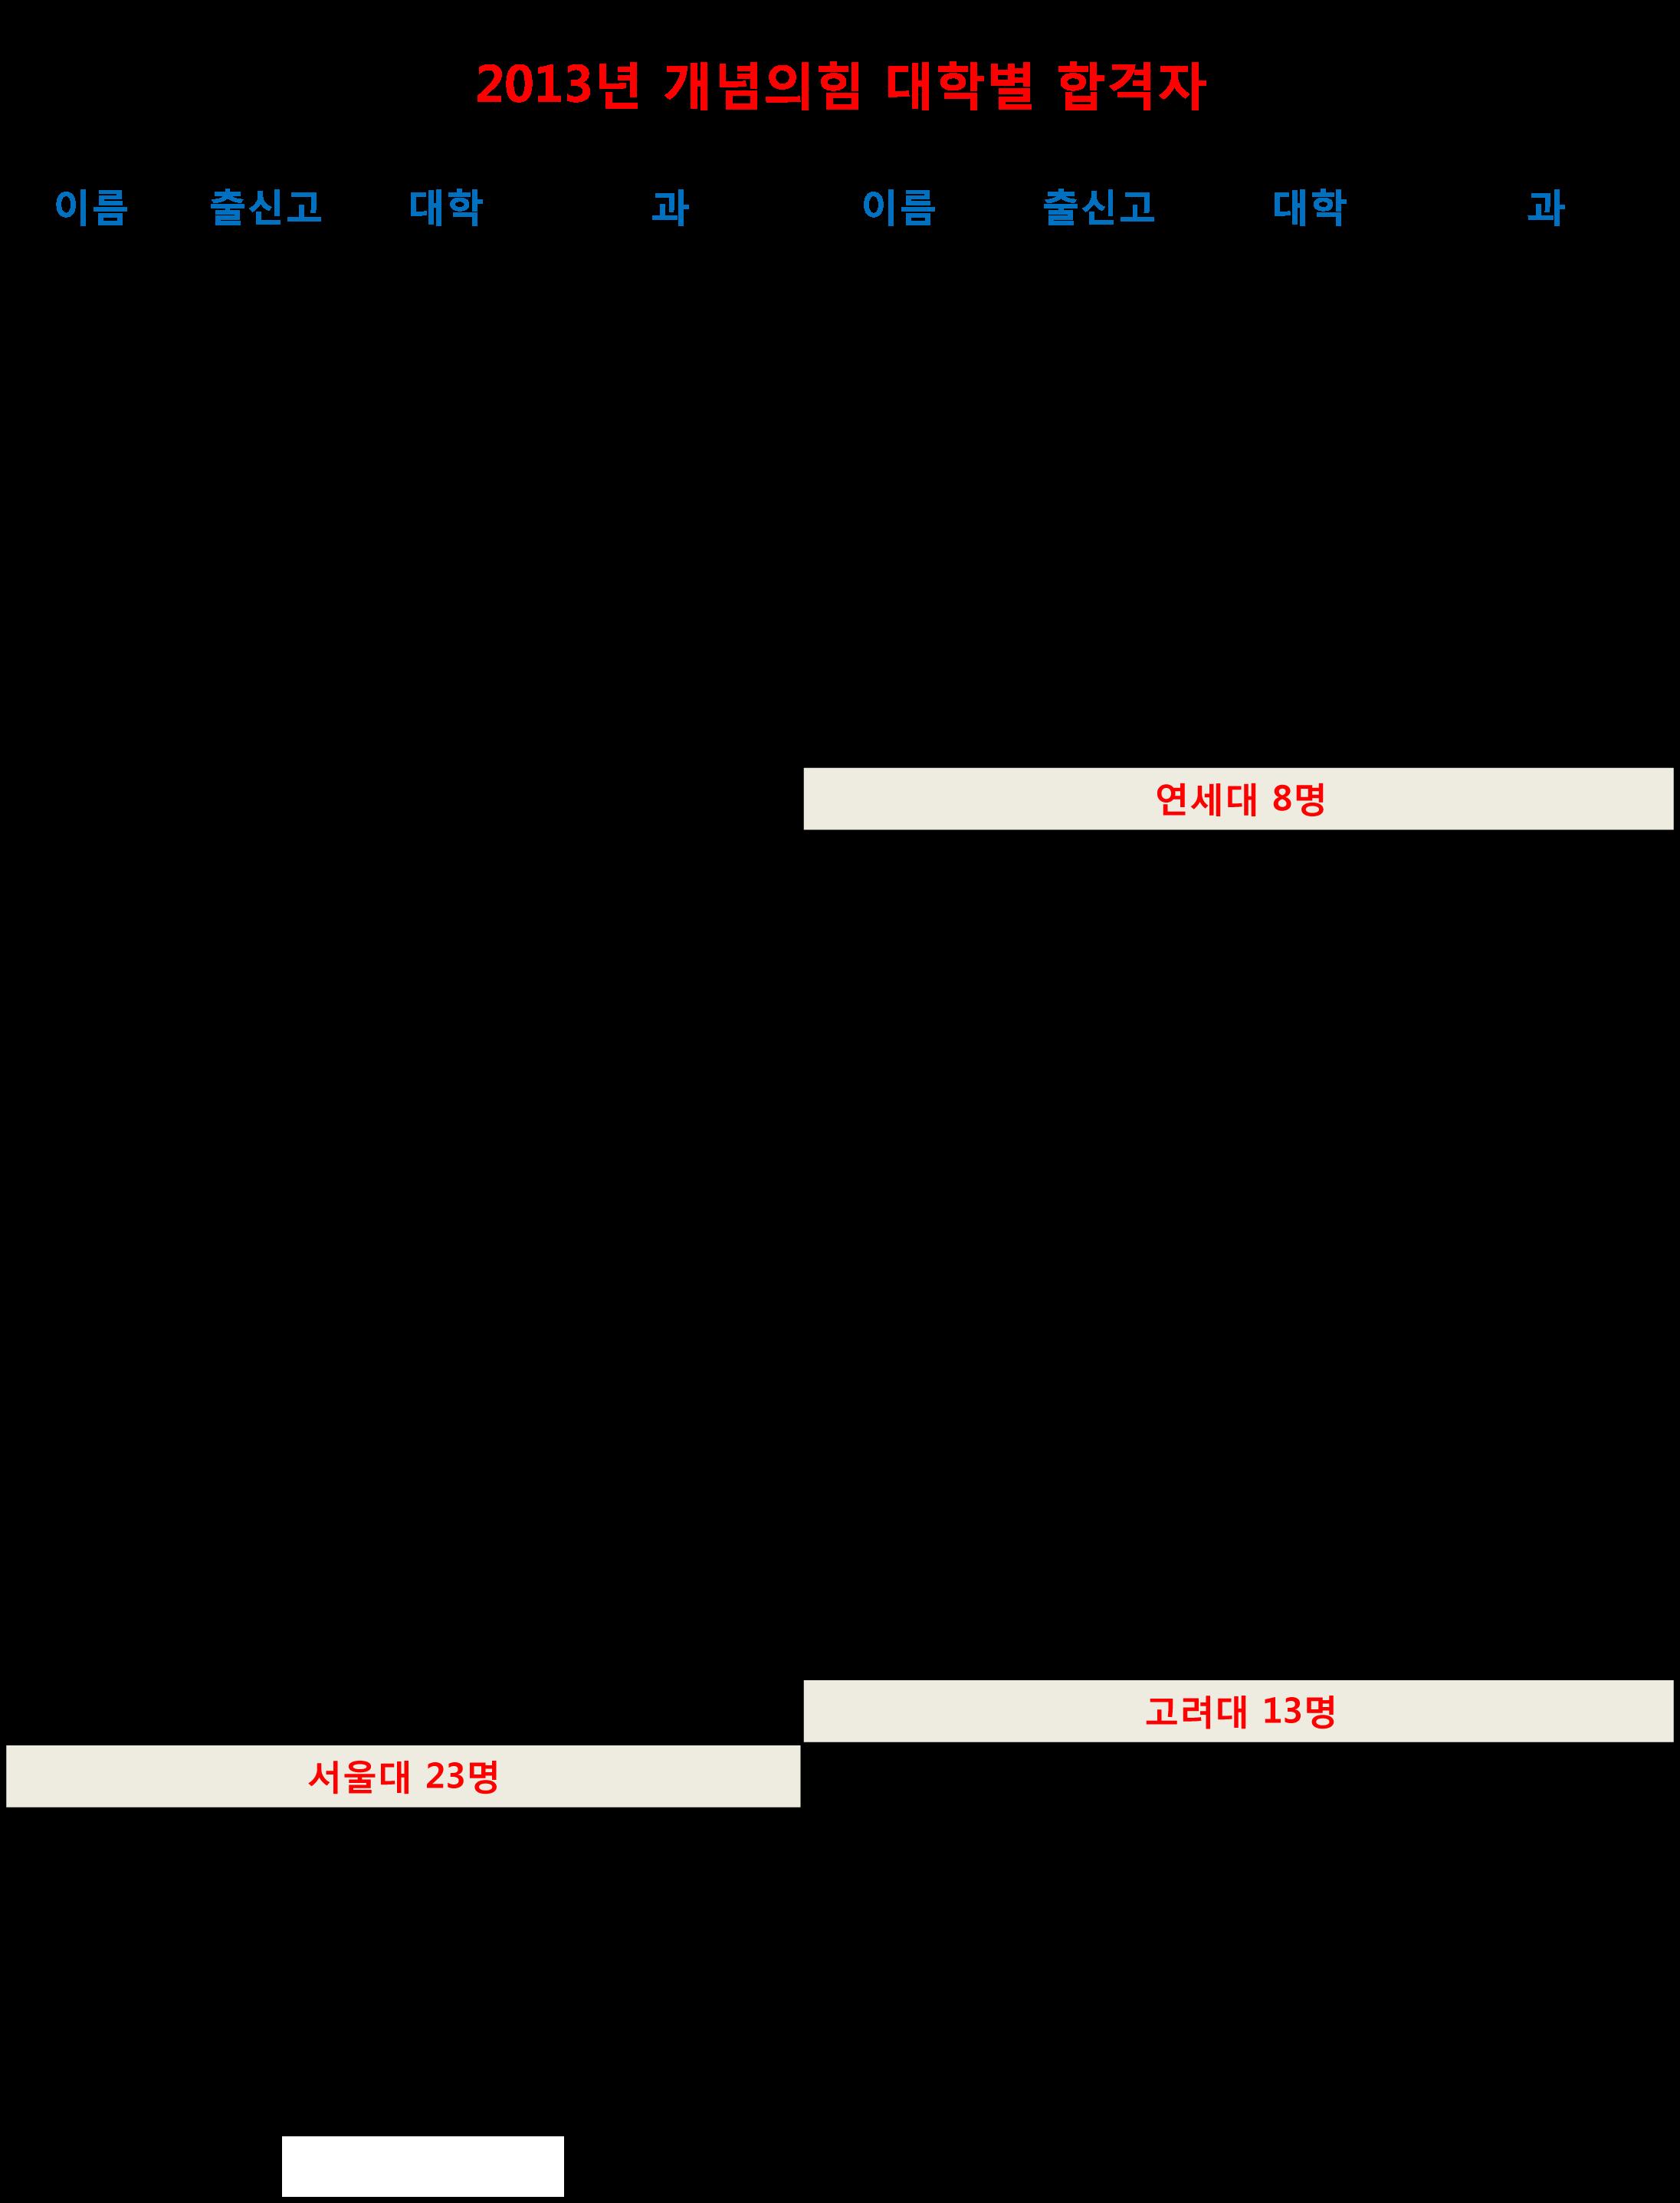 2013년 합격자명단